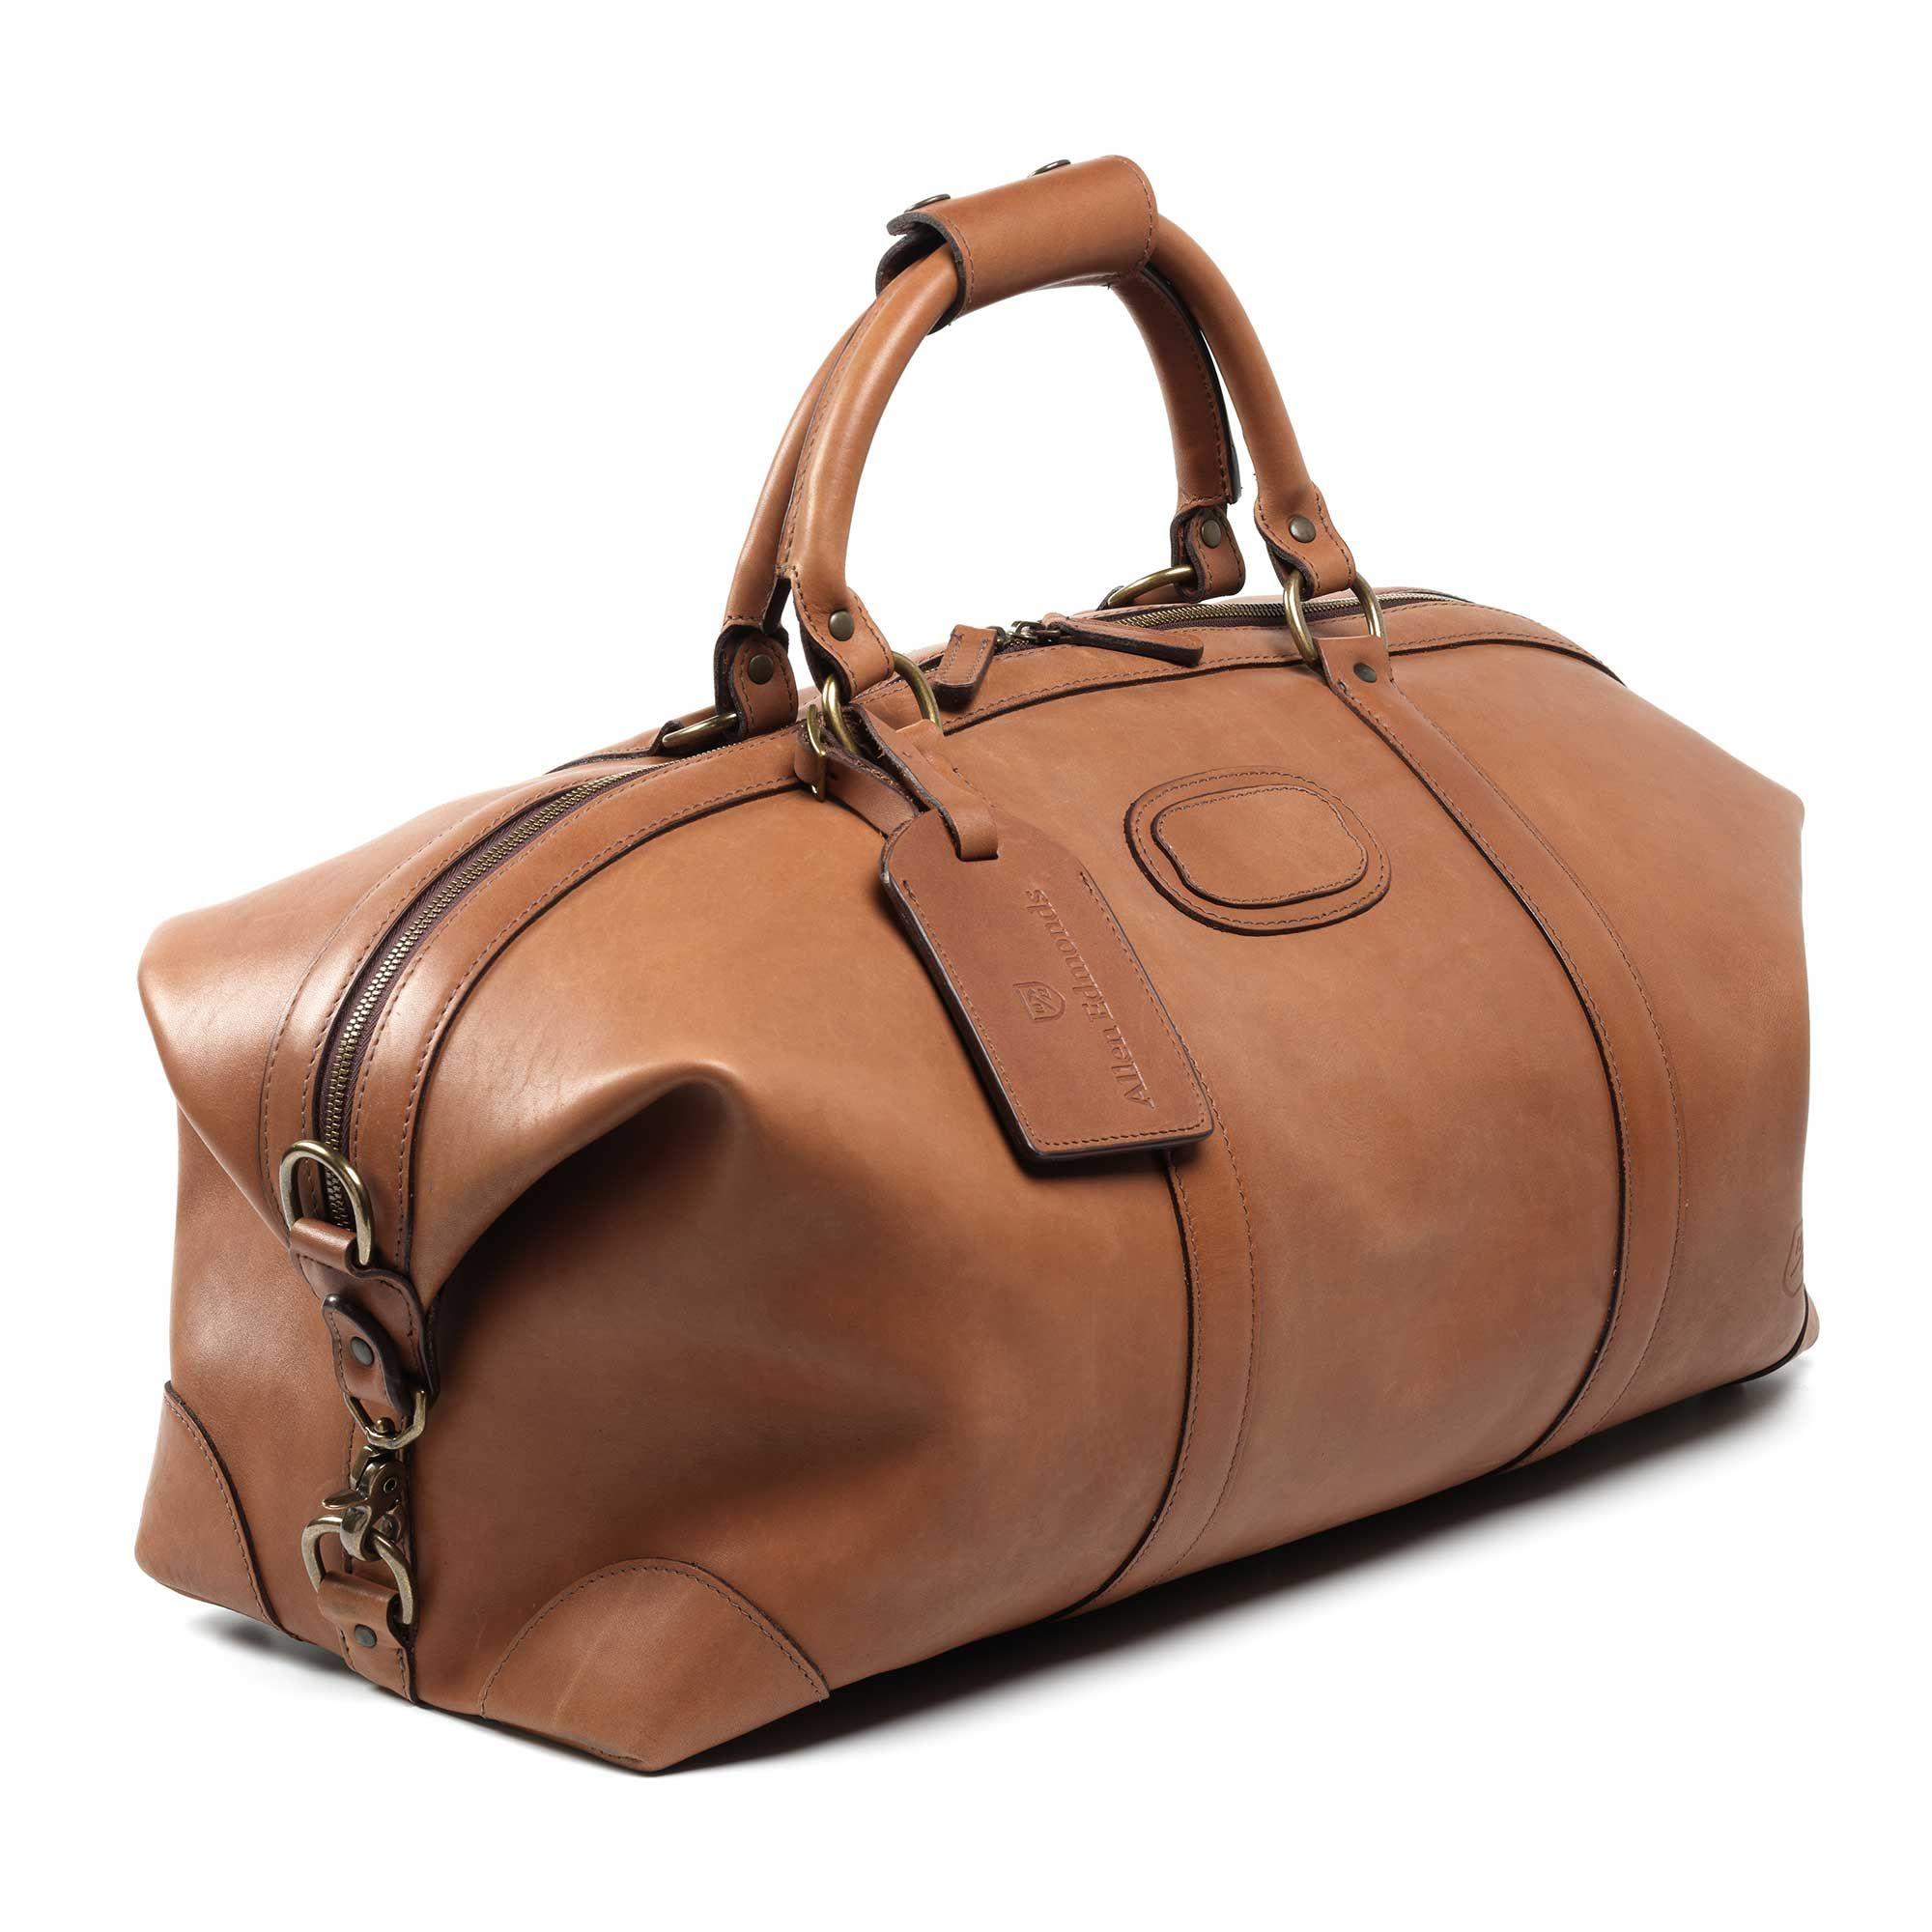 20ccb5360a Tan Saddle Duffle Bag by Allen Edmonds